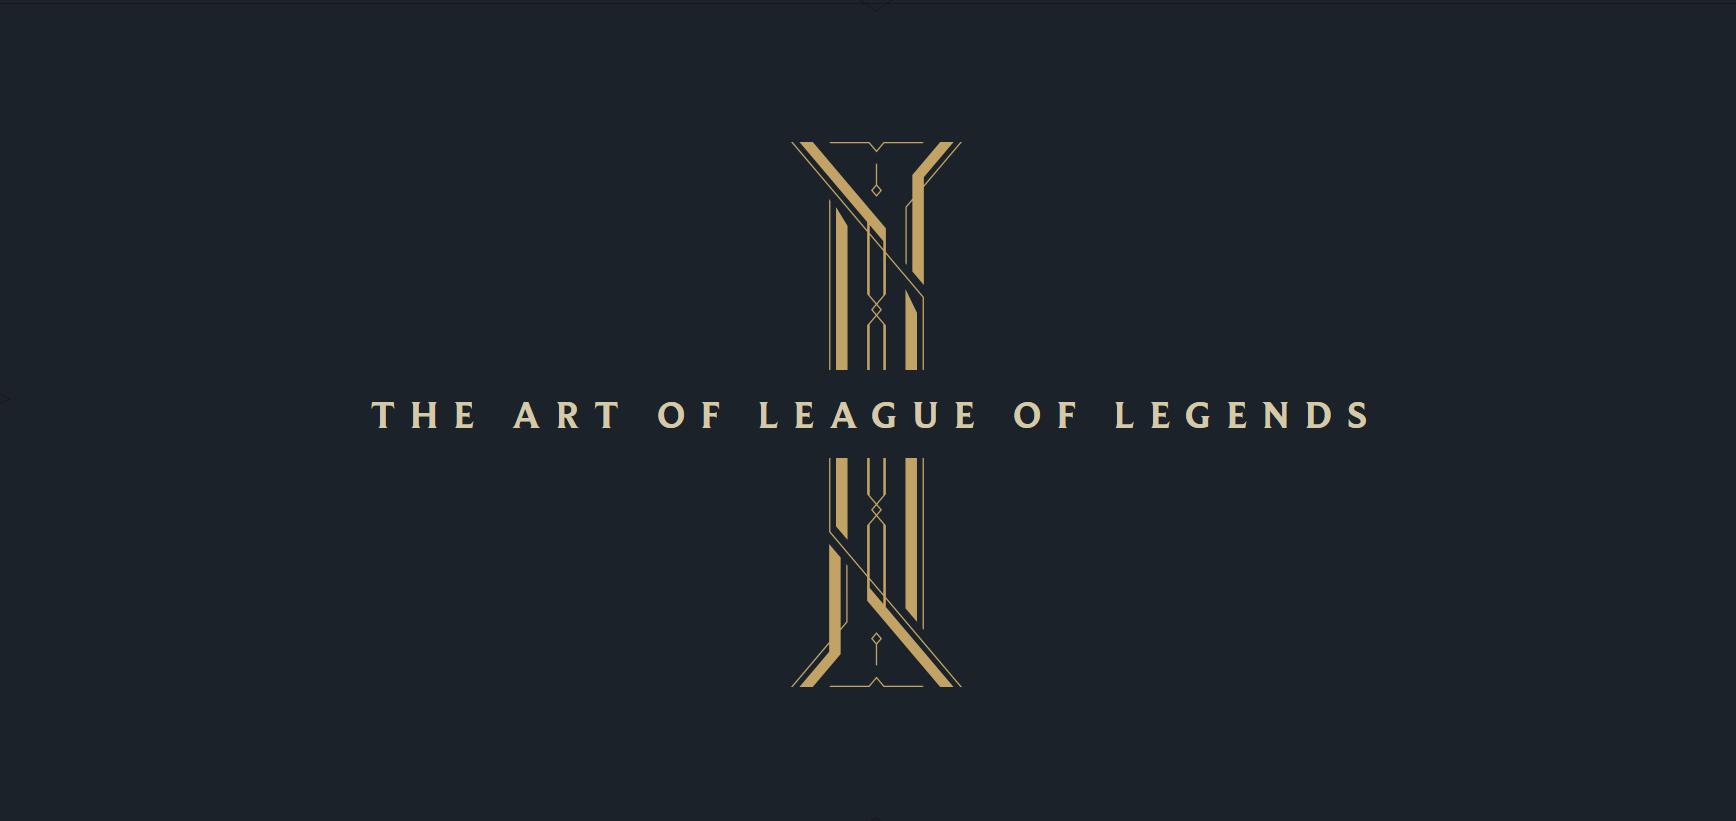 League of Legends ya tiene artbook digital… y es gratuito